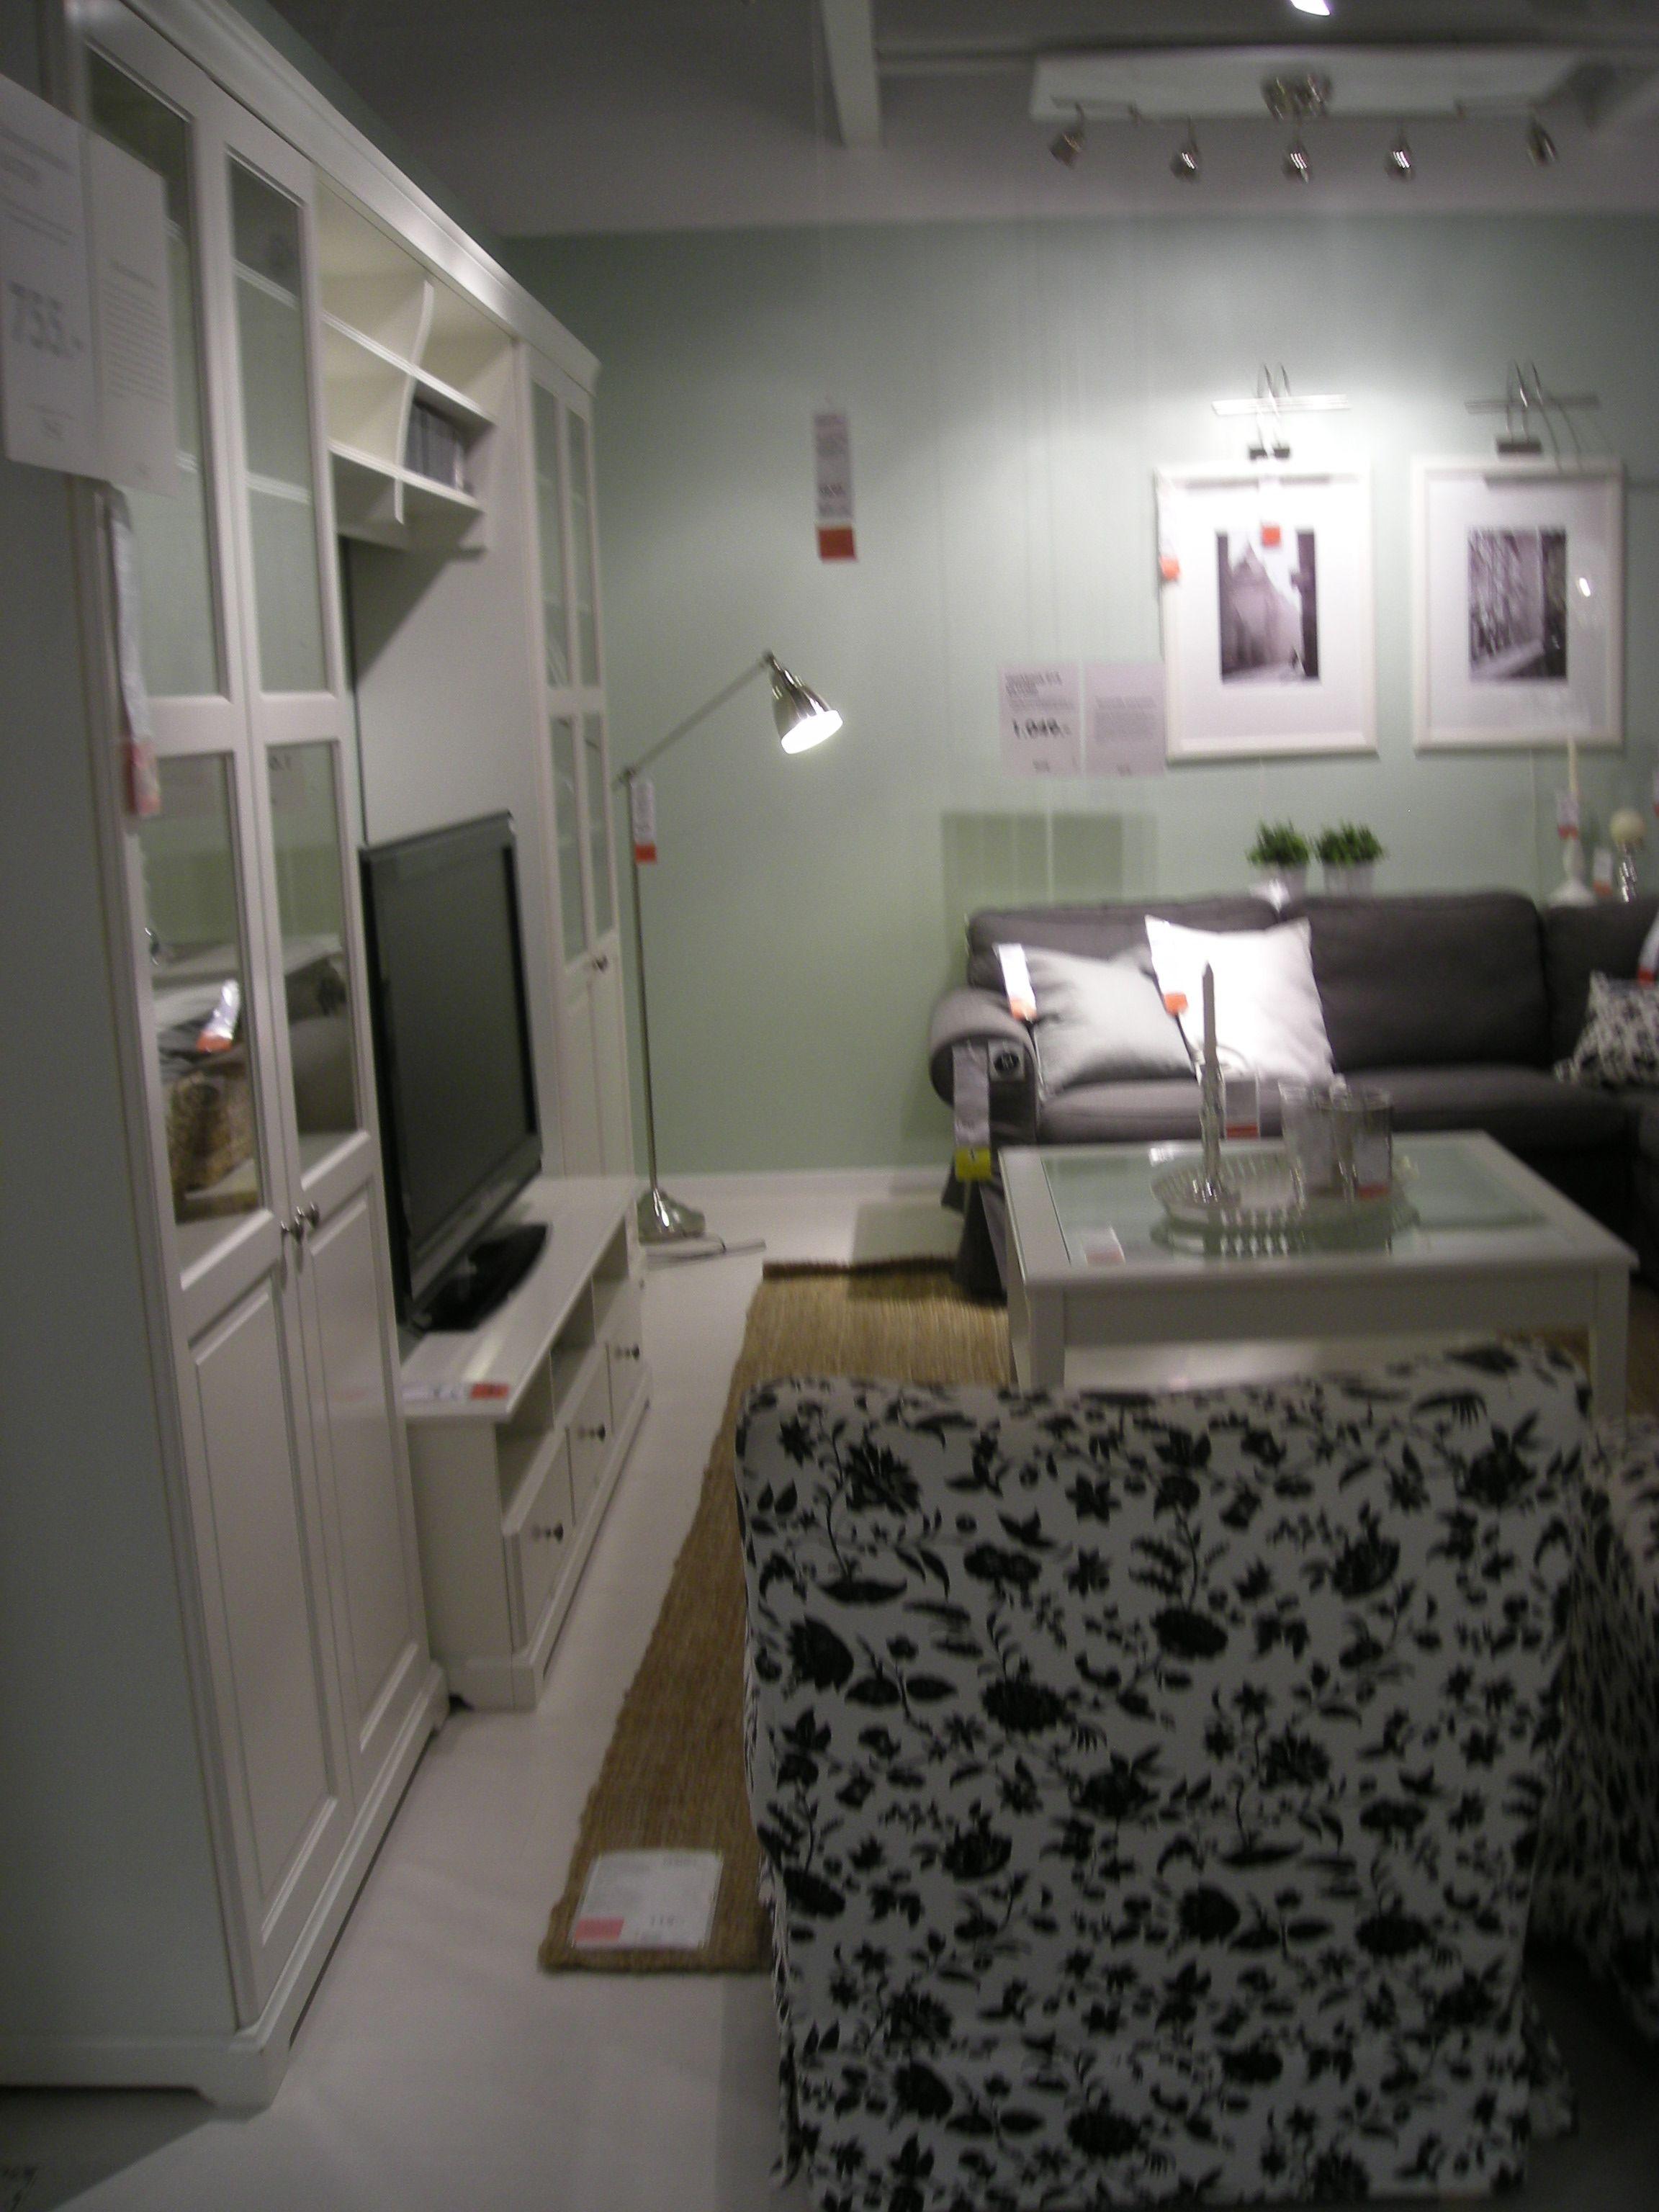 Woonkamer decoratie ikea: open planken in de keuken kitchen.